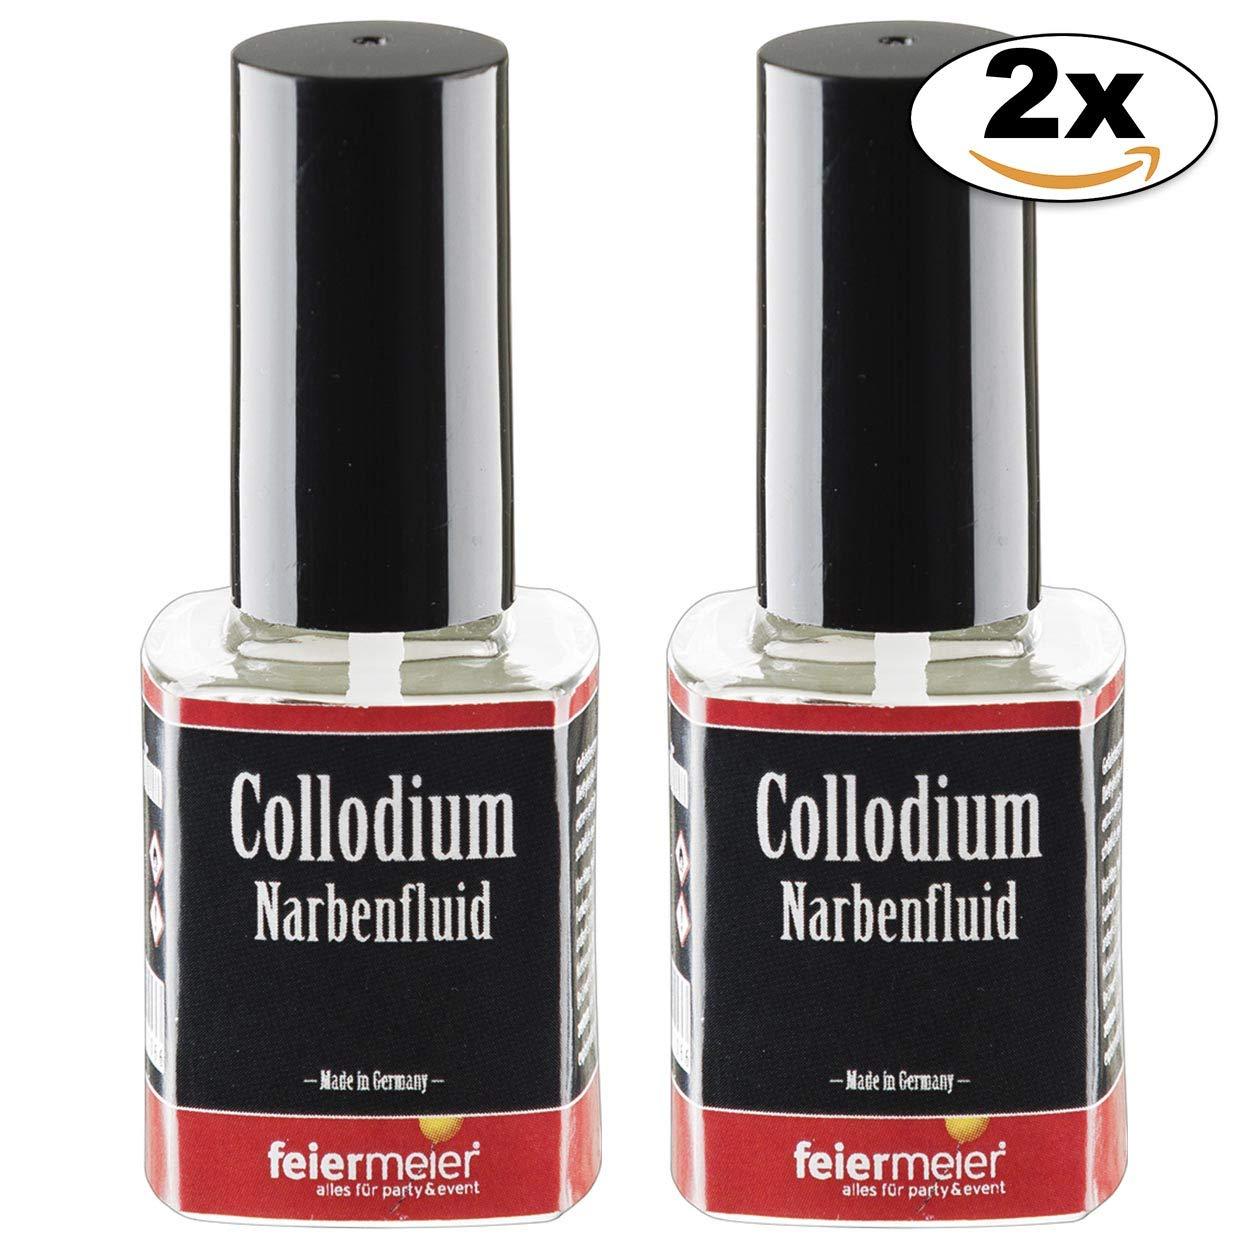 feiermeier Narbenfluid Collodium Sparset 2x11ml Pinselflasche für realistische Narben 2x11ml. Collodium / Collodion…